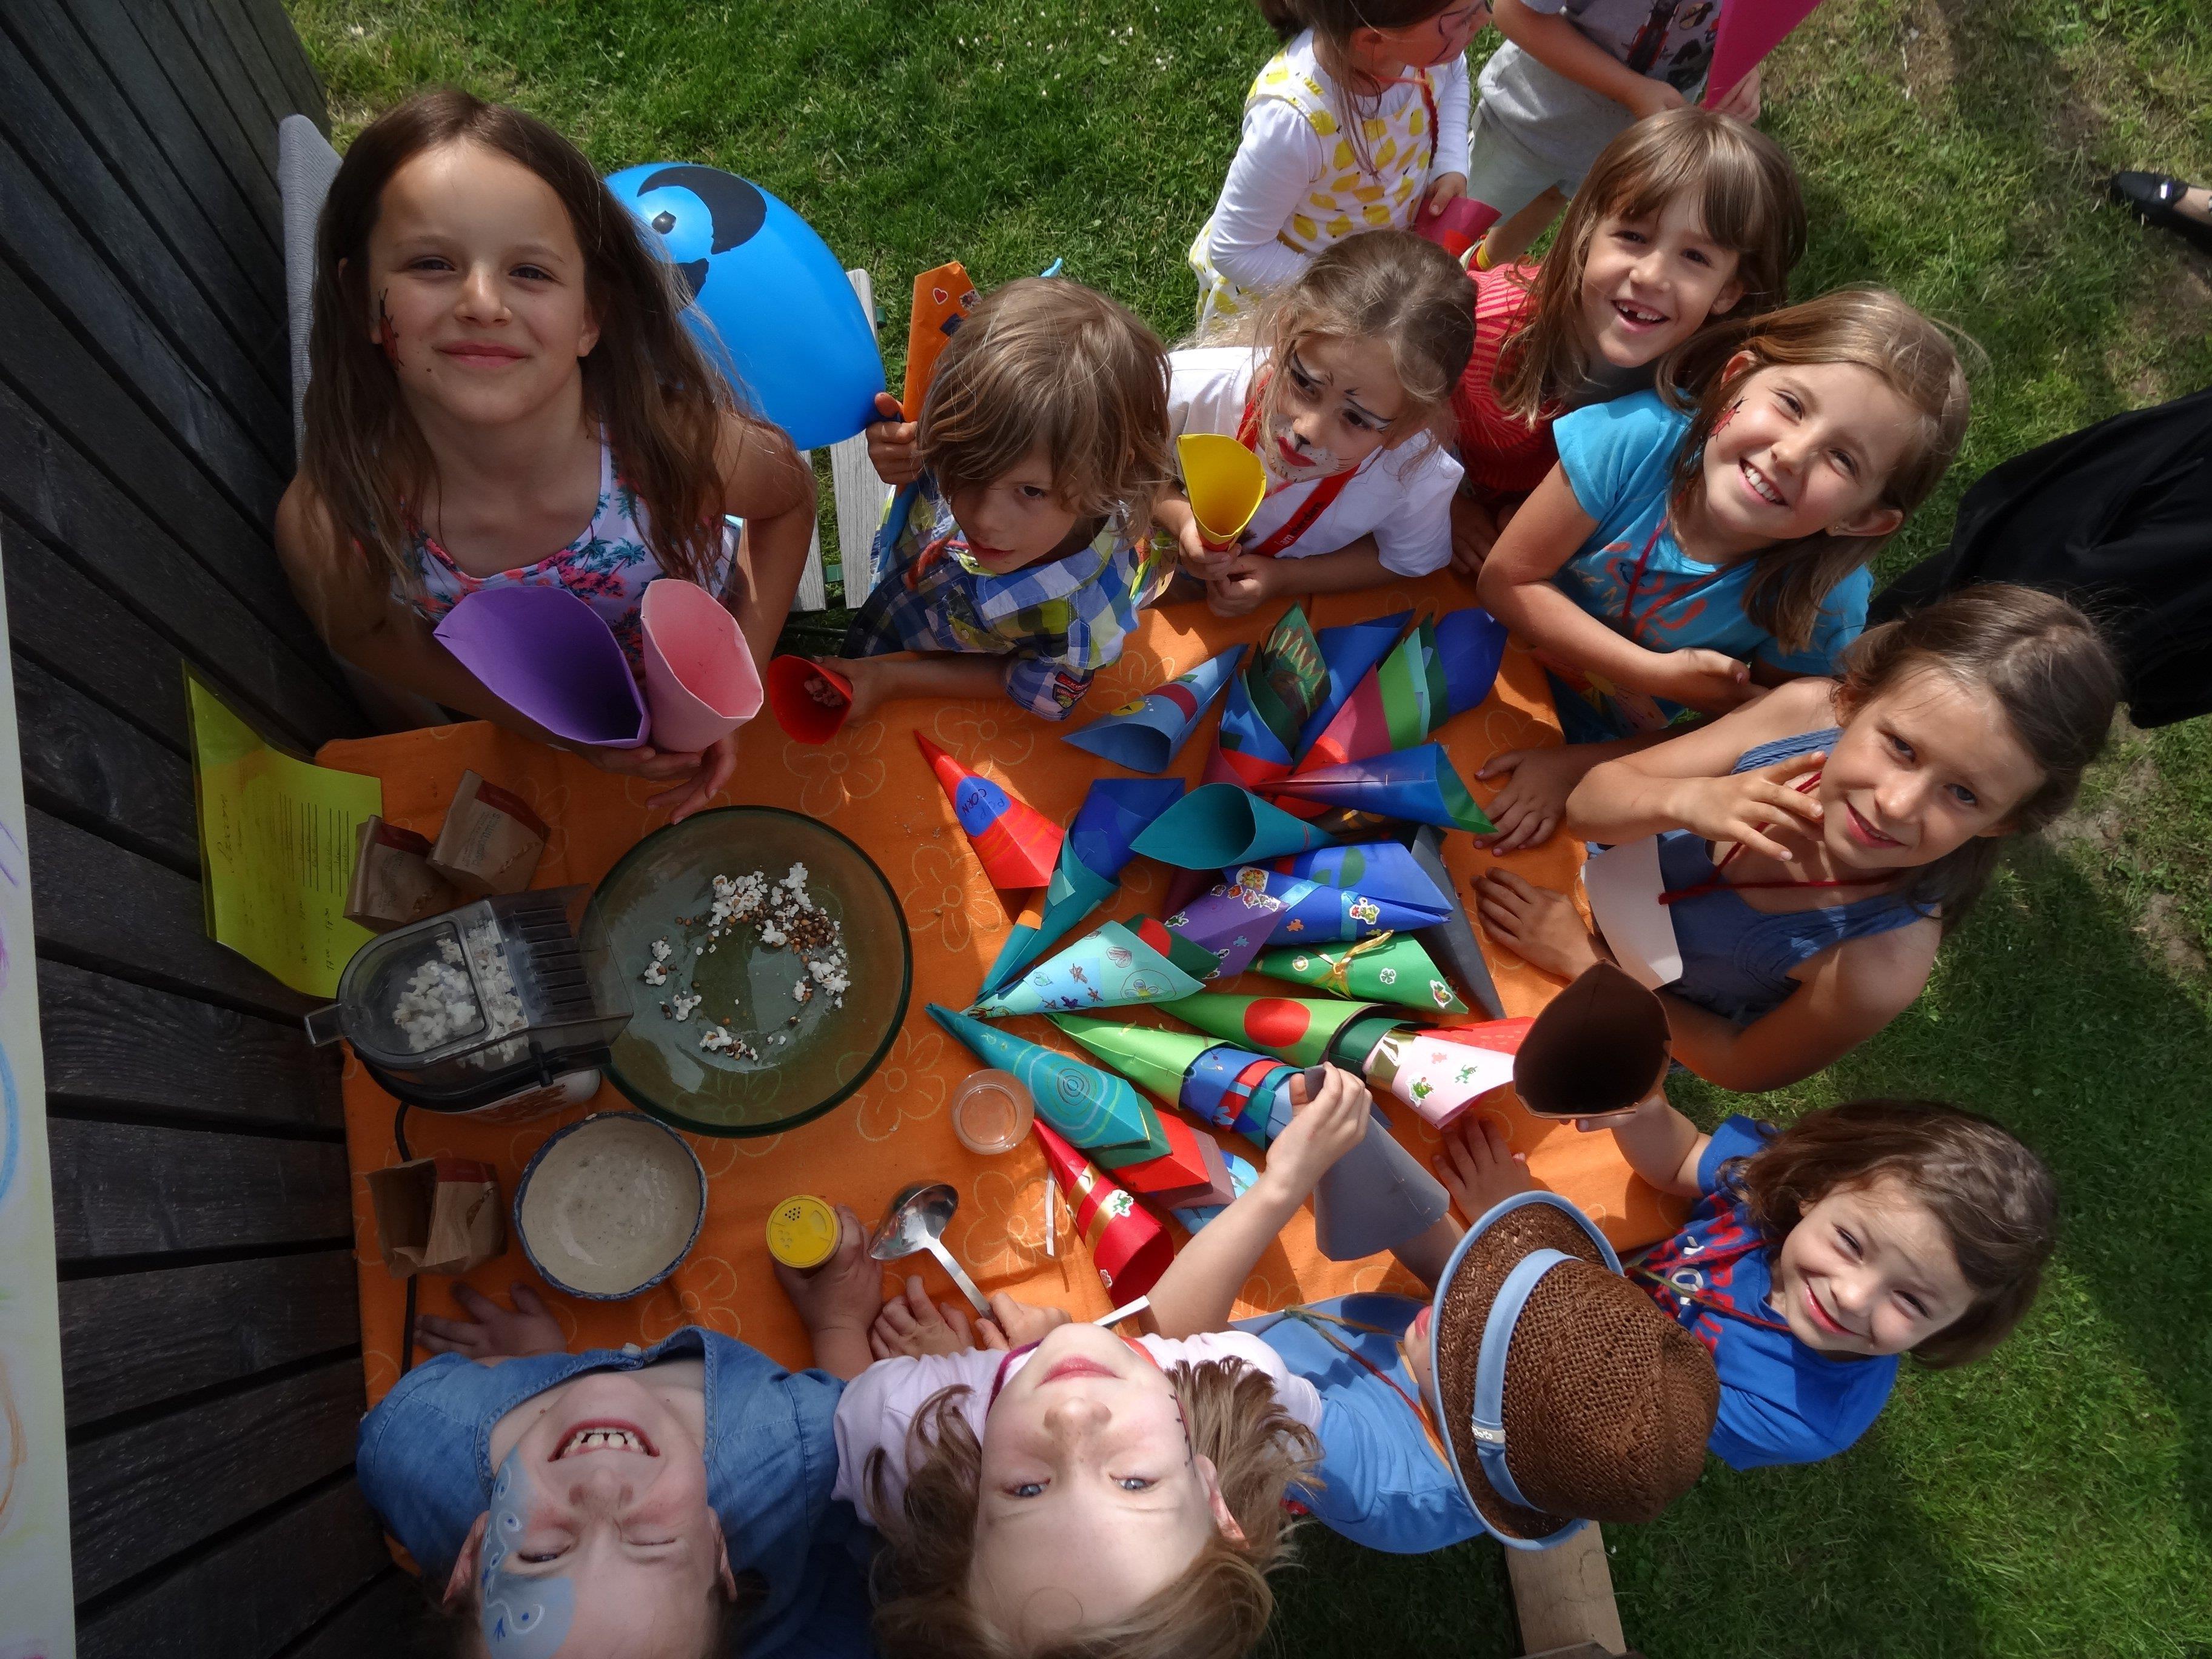 Das Familienspielefest bietet die Gelegenheit, die Familienschule und den Waldorfkindergarten kennenzulernen